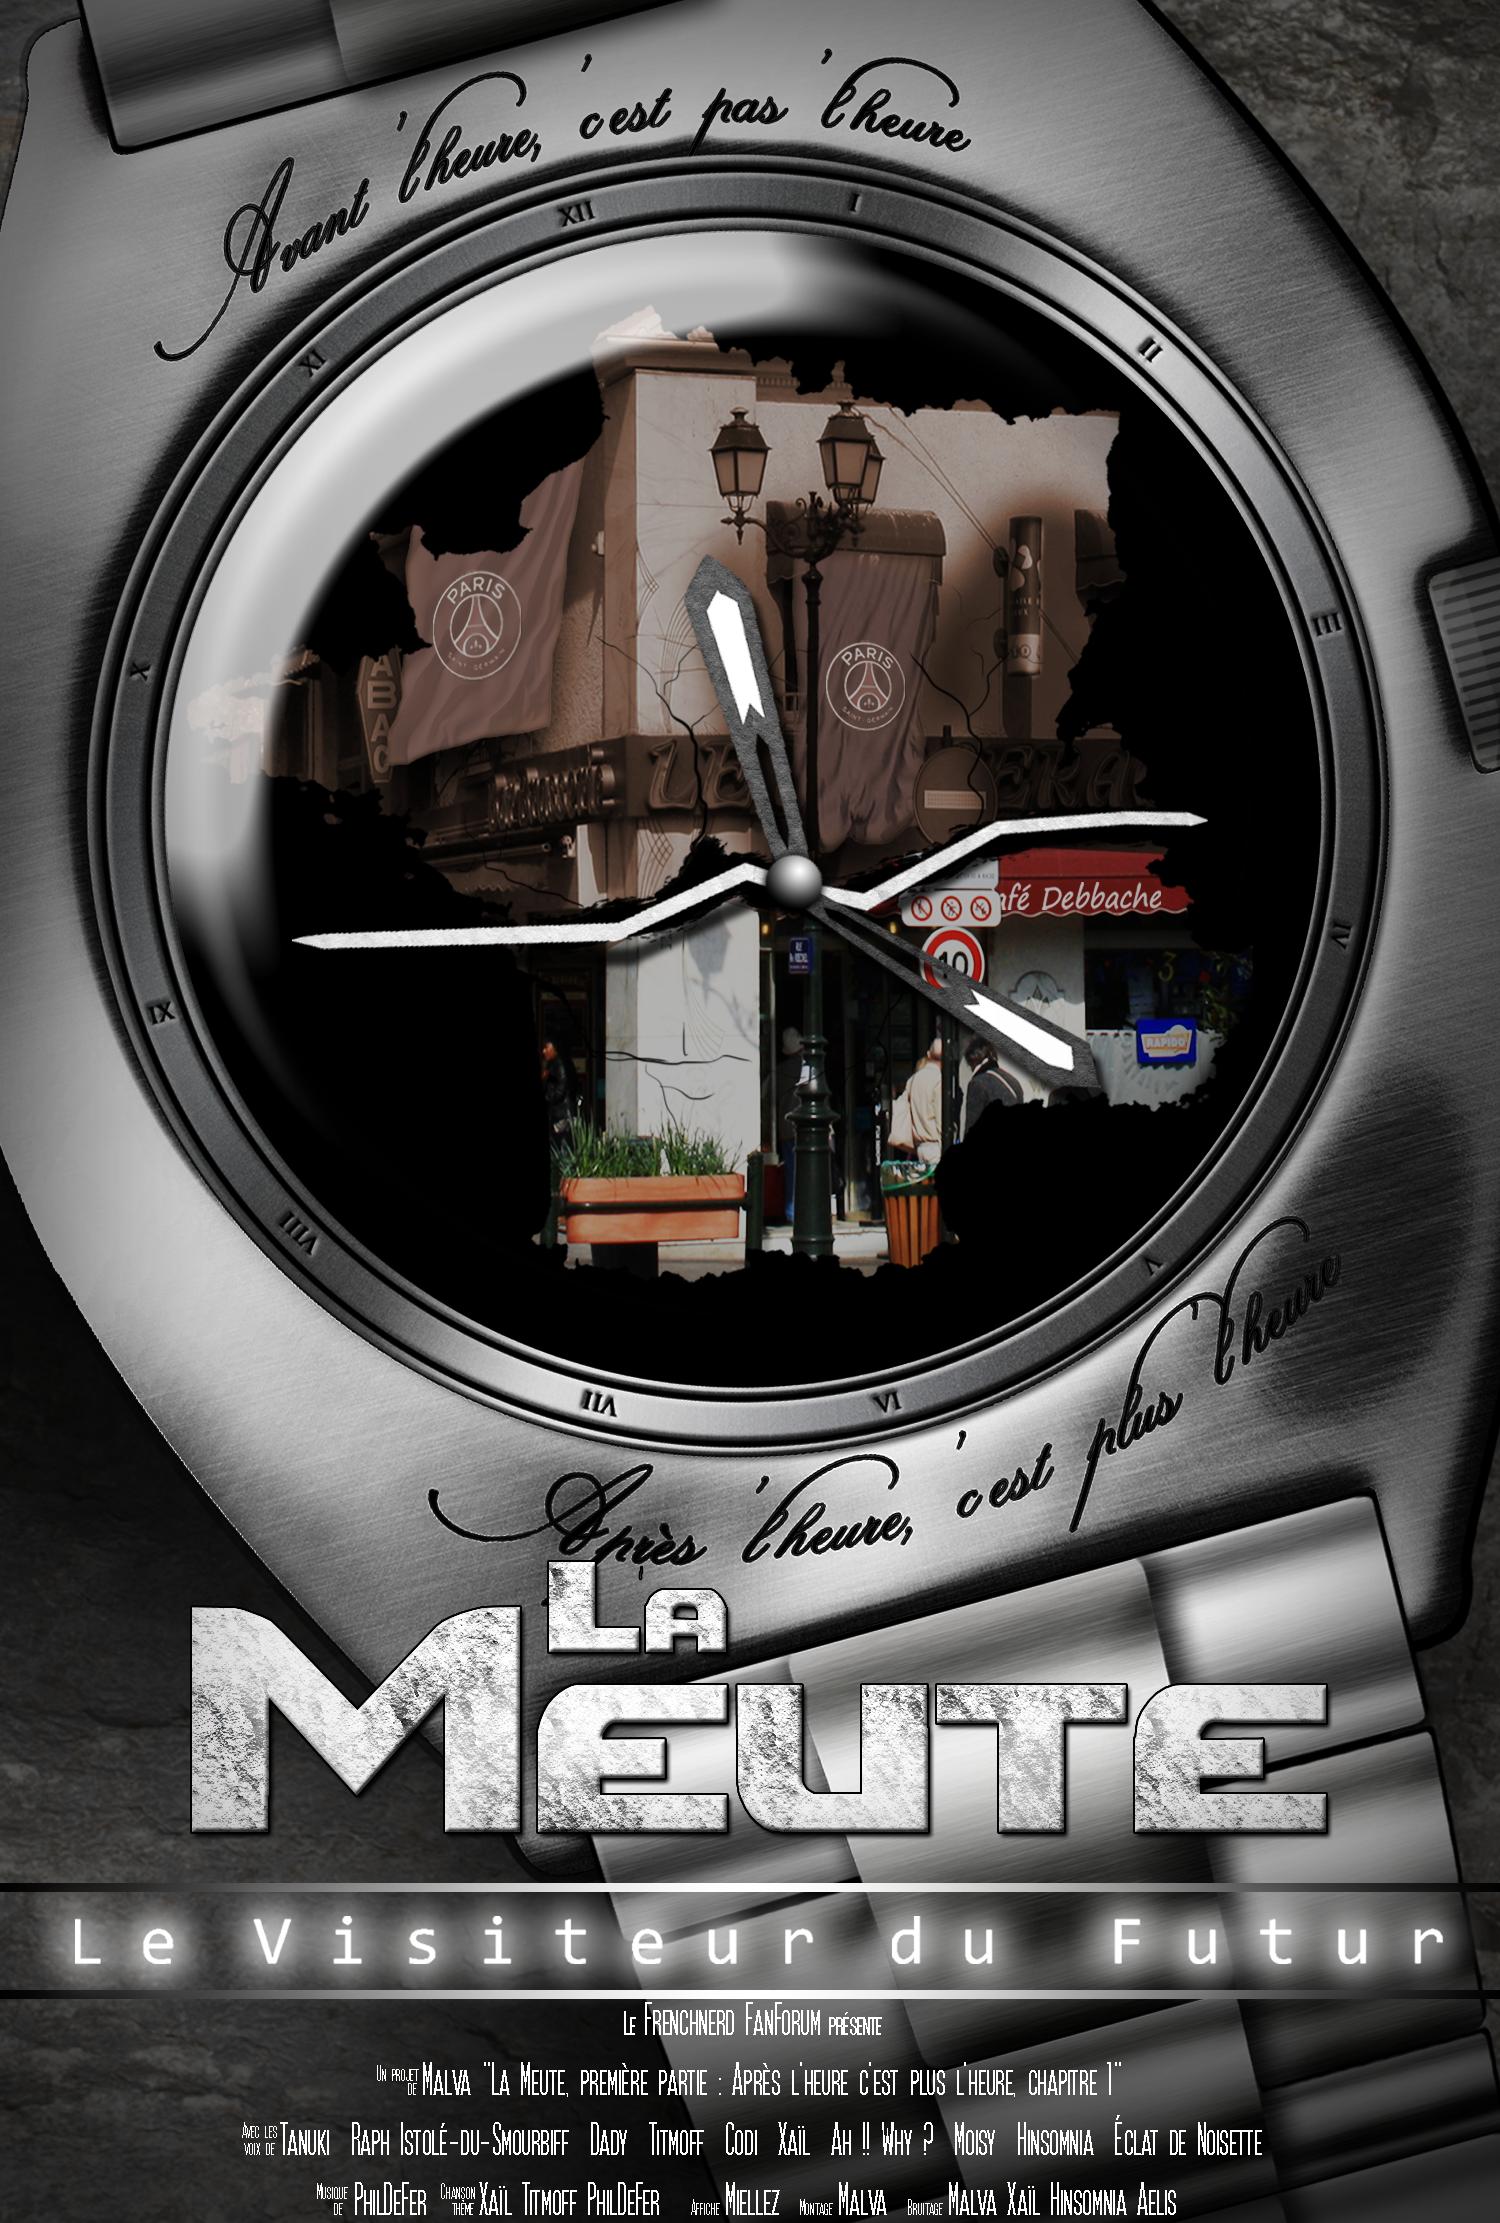 meute - Chapitre audio La Meute par le FFF : Après l'heure, c'est plus l'heure 1474888869-meute-montre